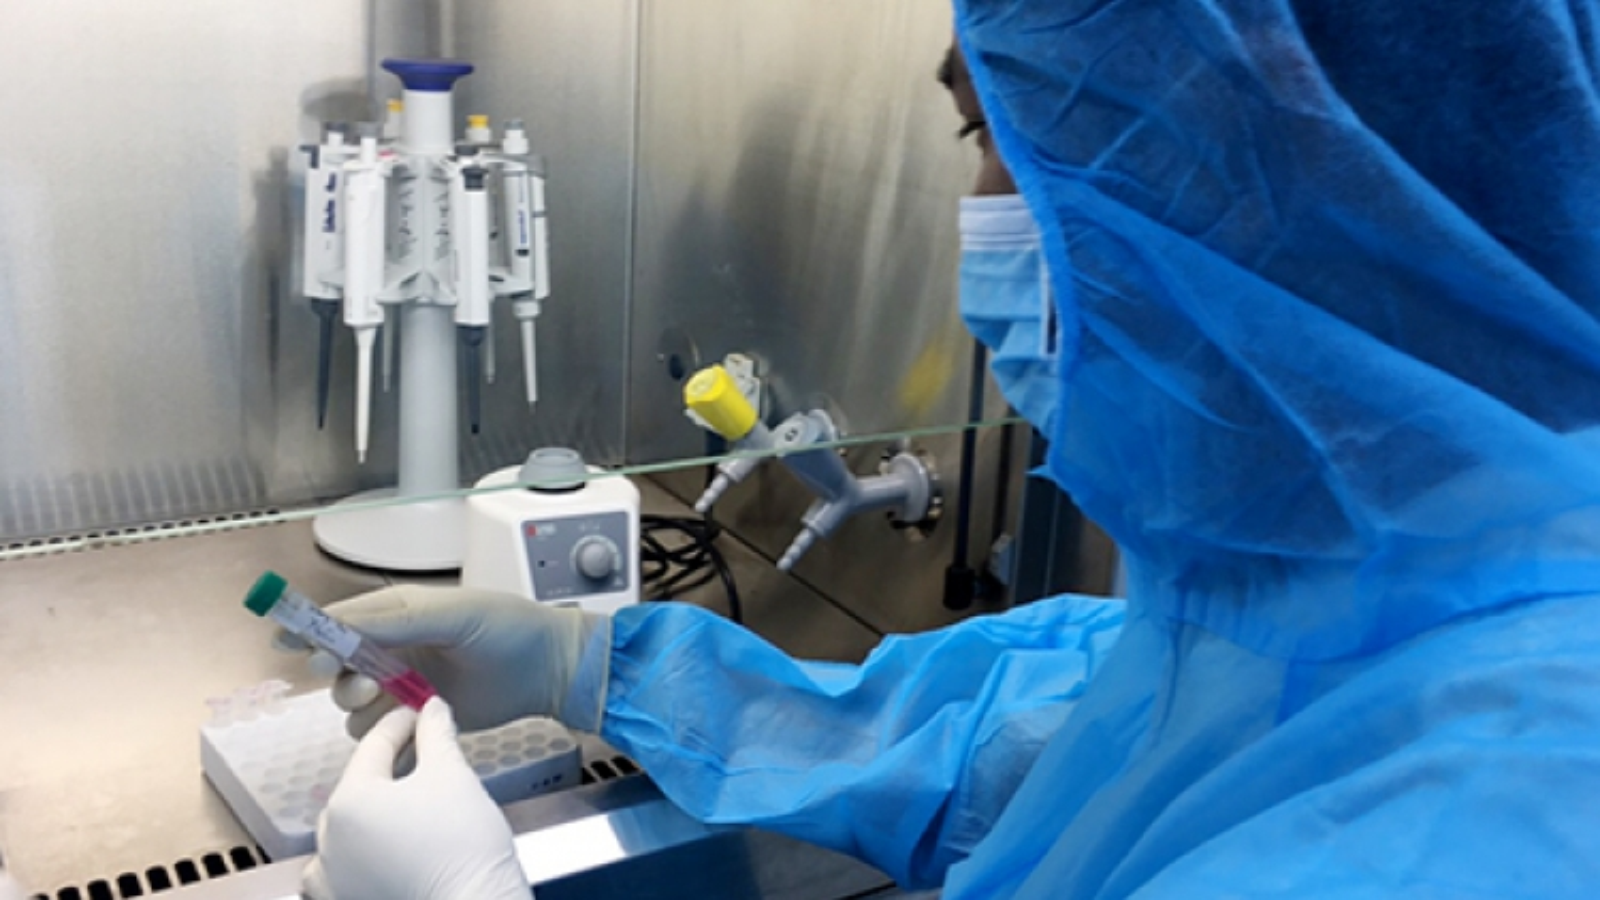 Hà Nội phát hiện thêm 1 ca dương tính với SARS-CoV-2 ở Đan Phượng